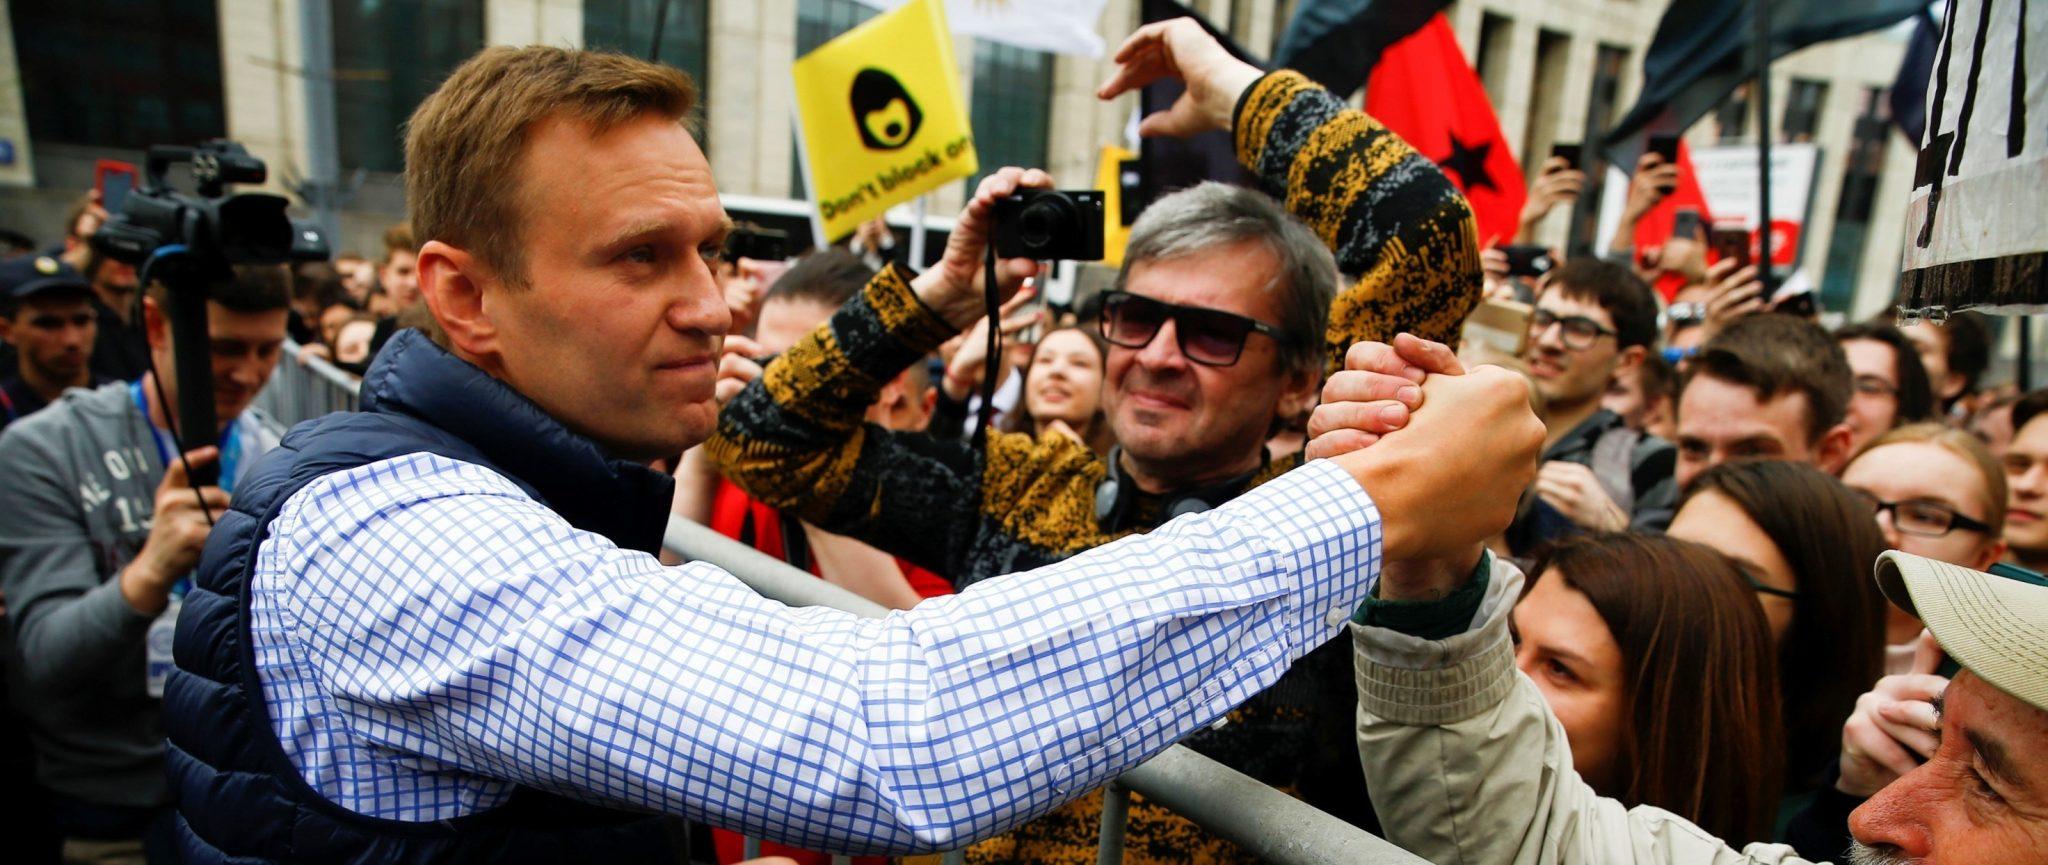 Aleksei Navalny © Anadolu Agency - Amnesty International